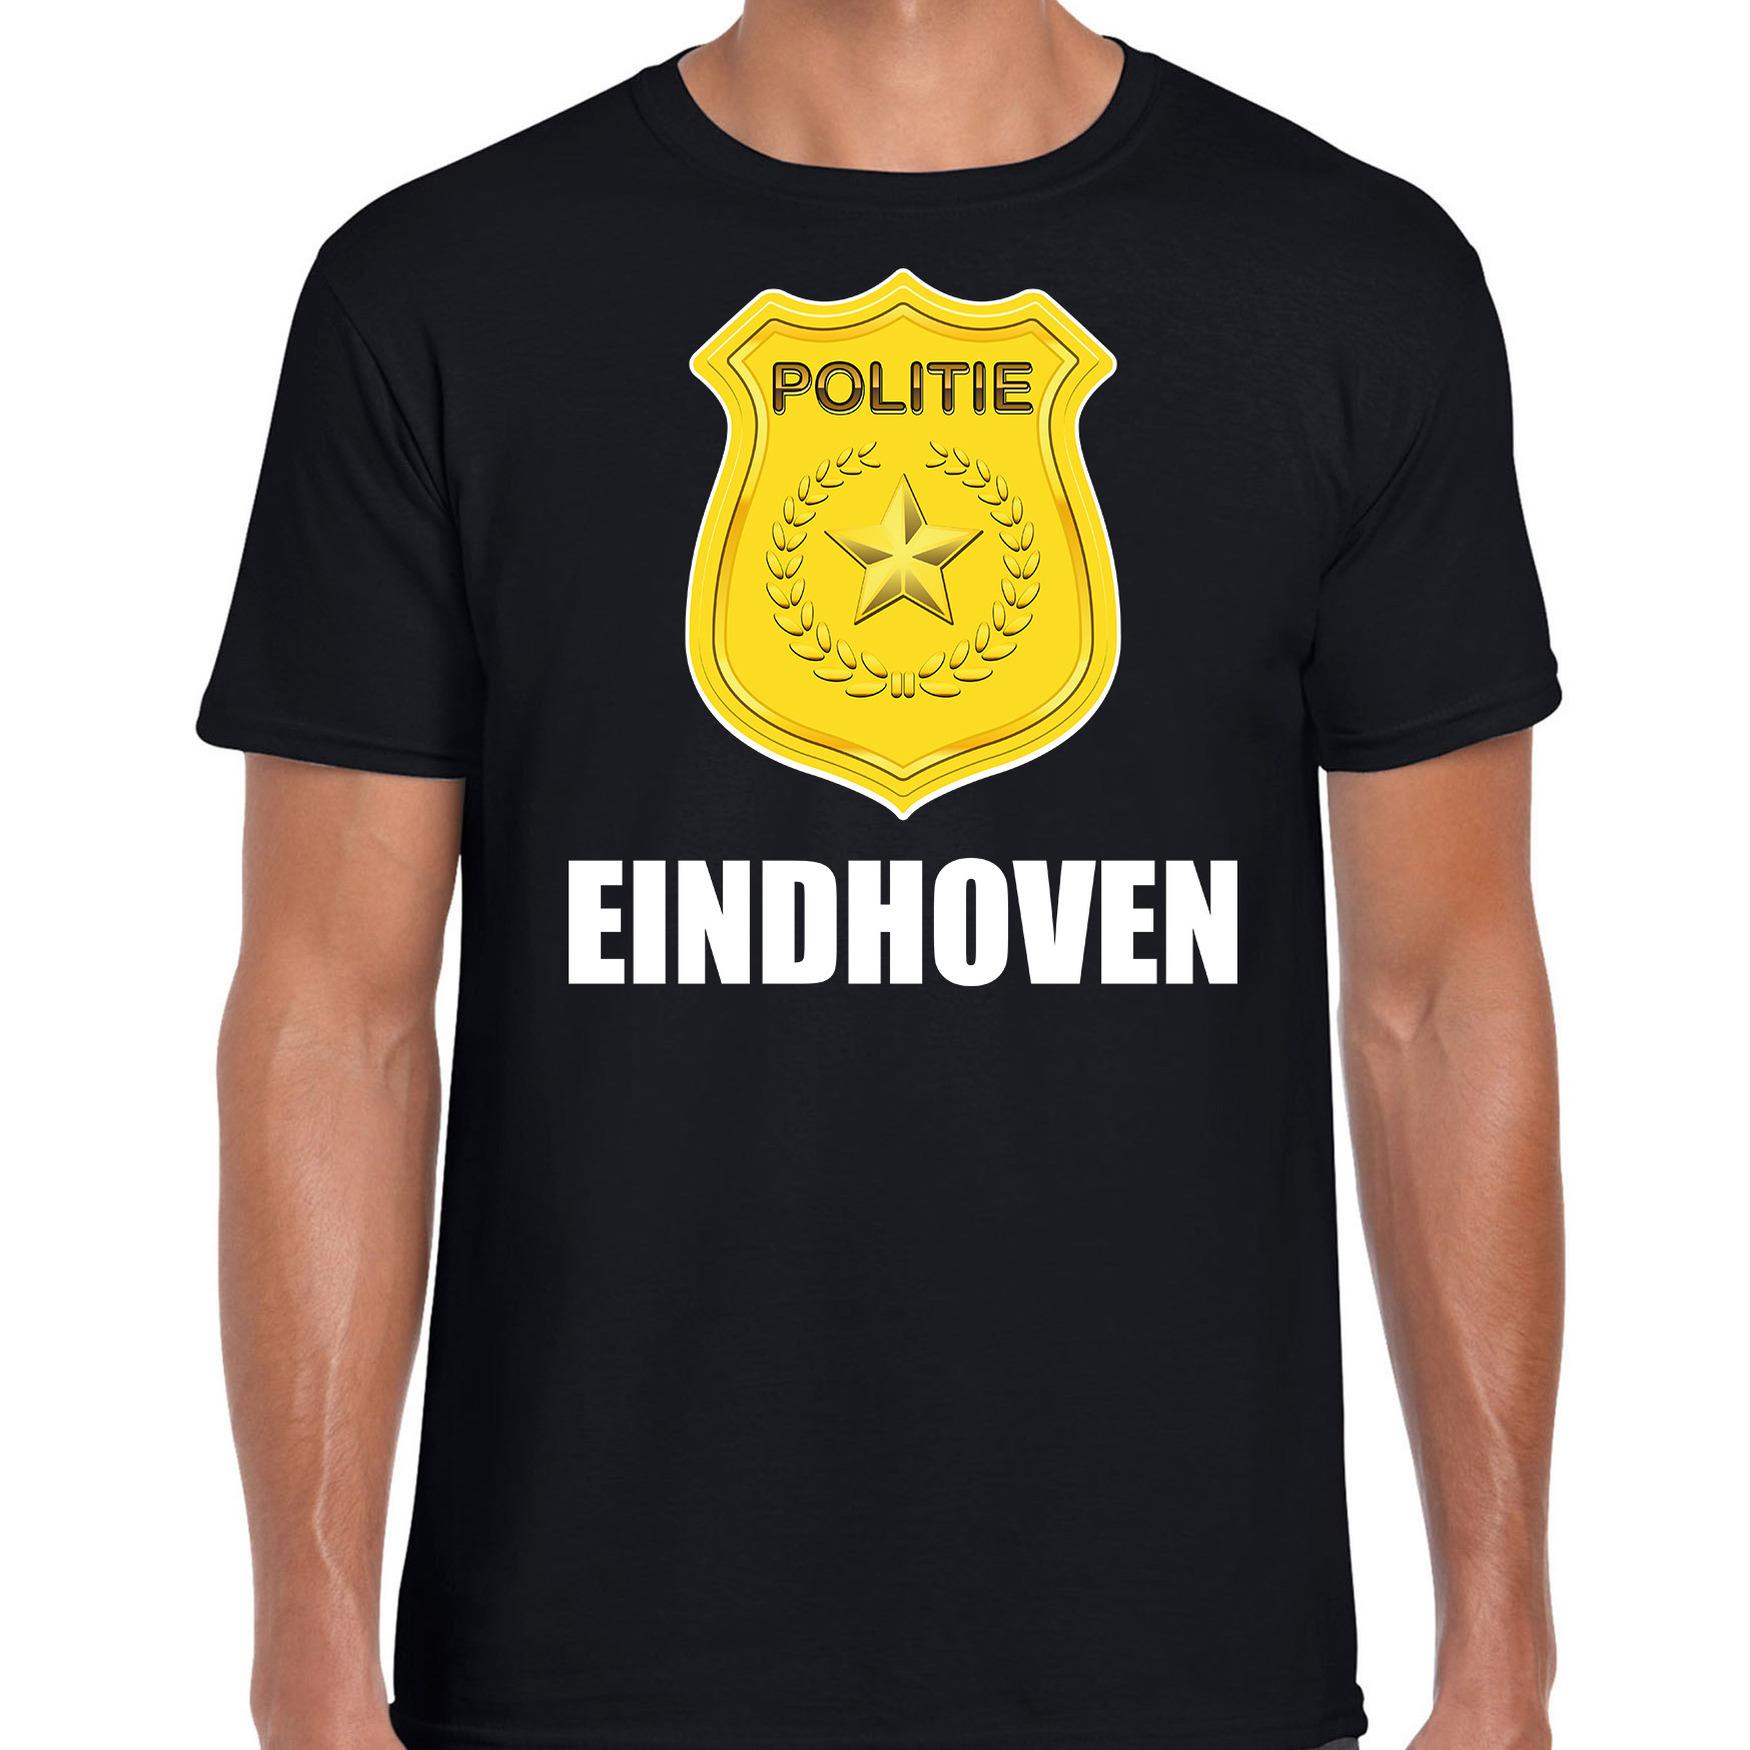 Politie embleem Eindhoven carnaval verkleed t-shirt zwart voor heren